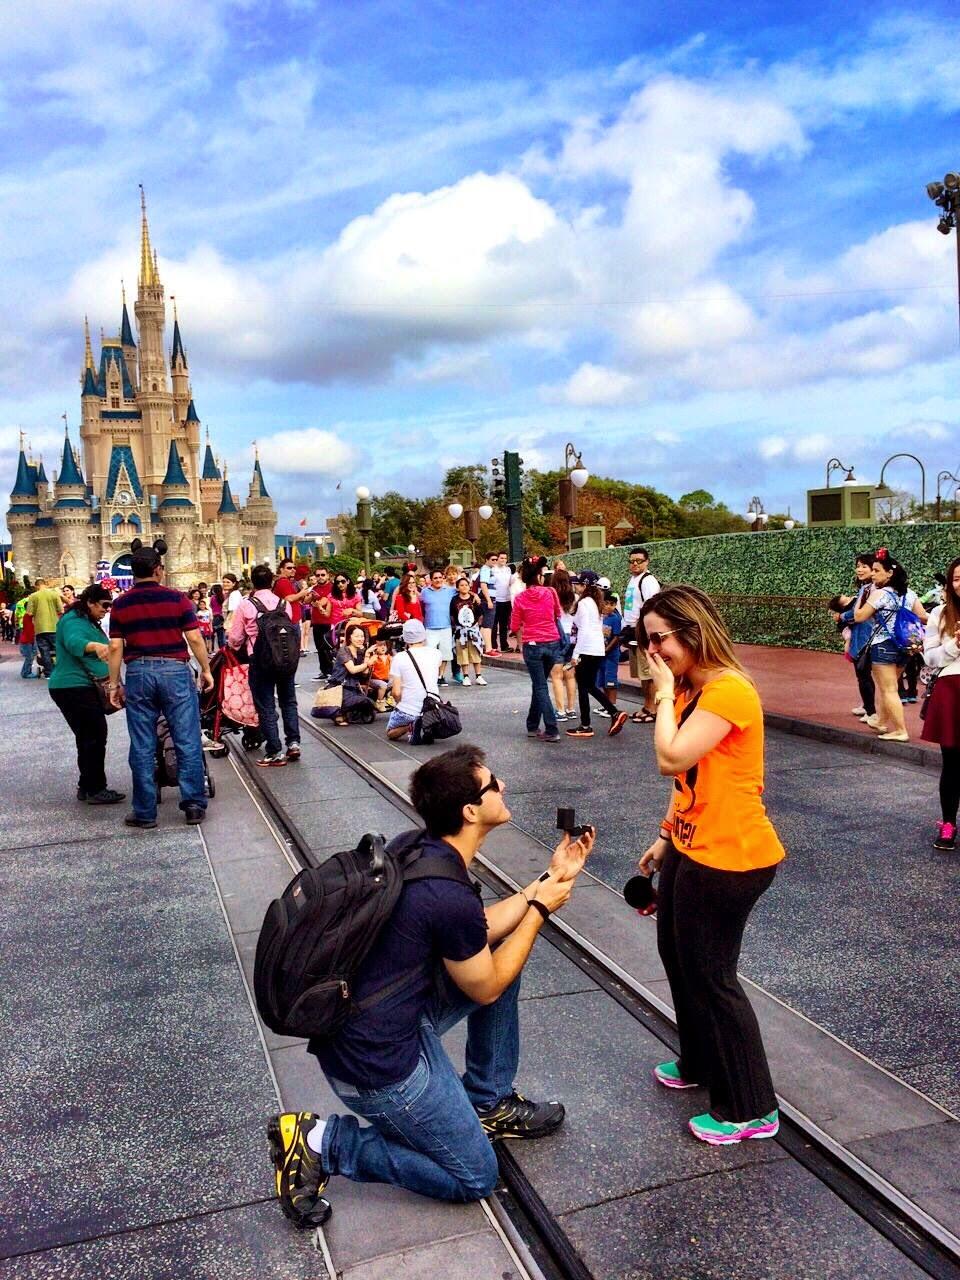 4c49333ad582 O que não falta na Disney são pedidos de casamento. A cena clássica  acontece em frente ao castelo da Cinderela, o ícone mais famoso do parque  Magic Kingdom.